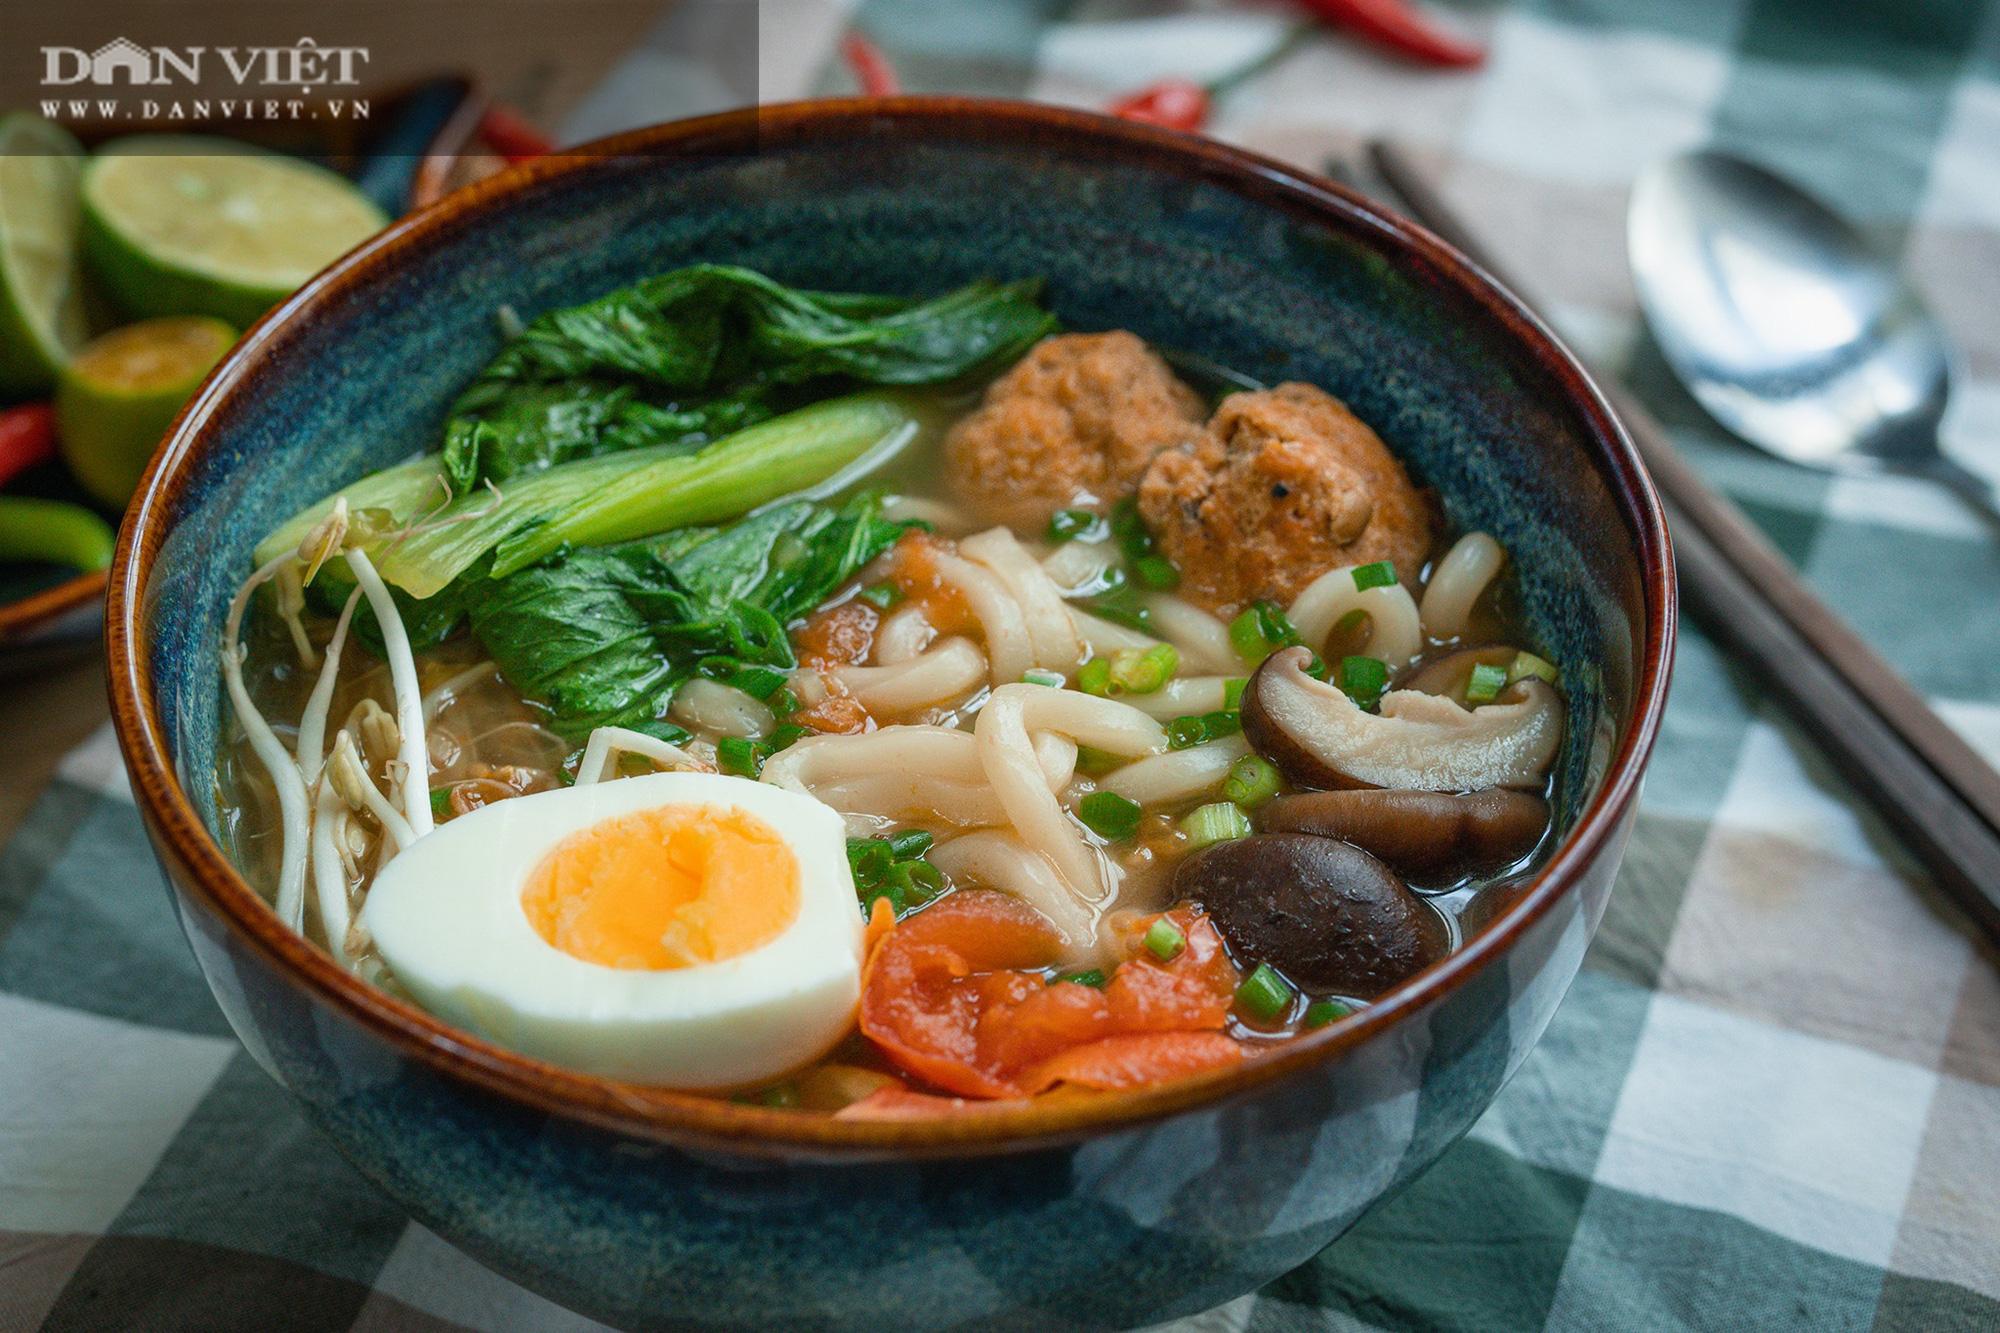 Bí quyết nấu món mì Udon chả cua siêu ngọt mà không cần dùng xương - Ảnh 3.